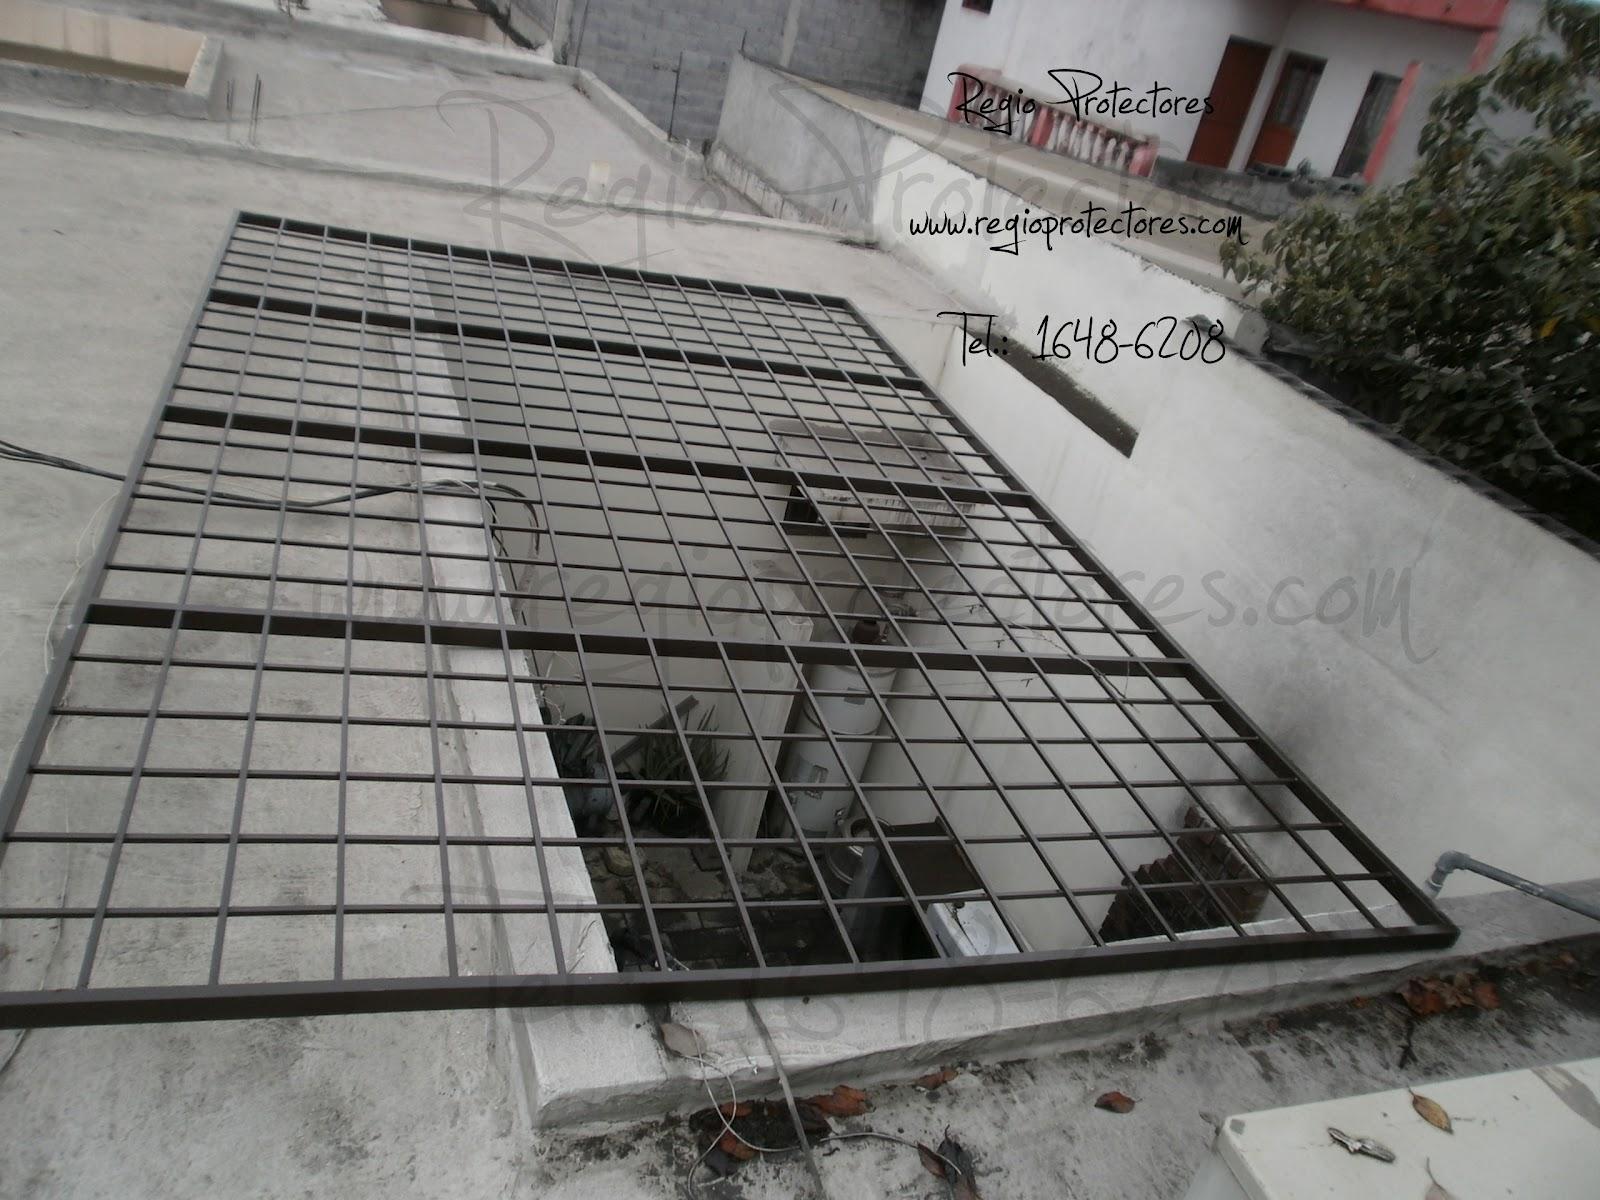 Regio Protectores: Reja de seguridad para patio, Fracc. Mitras Norte